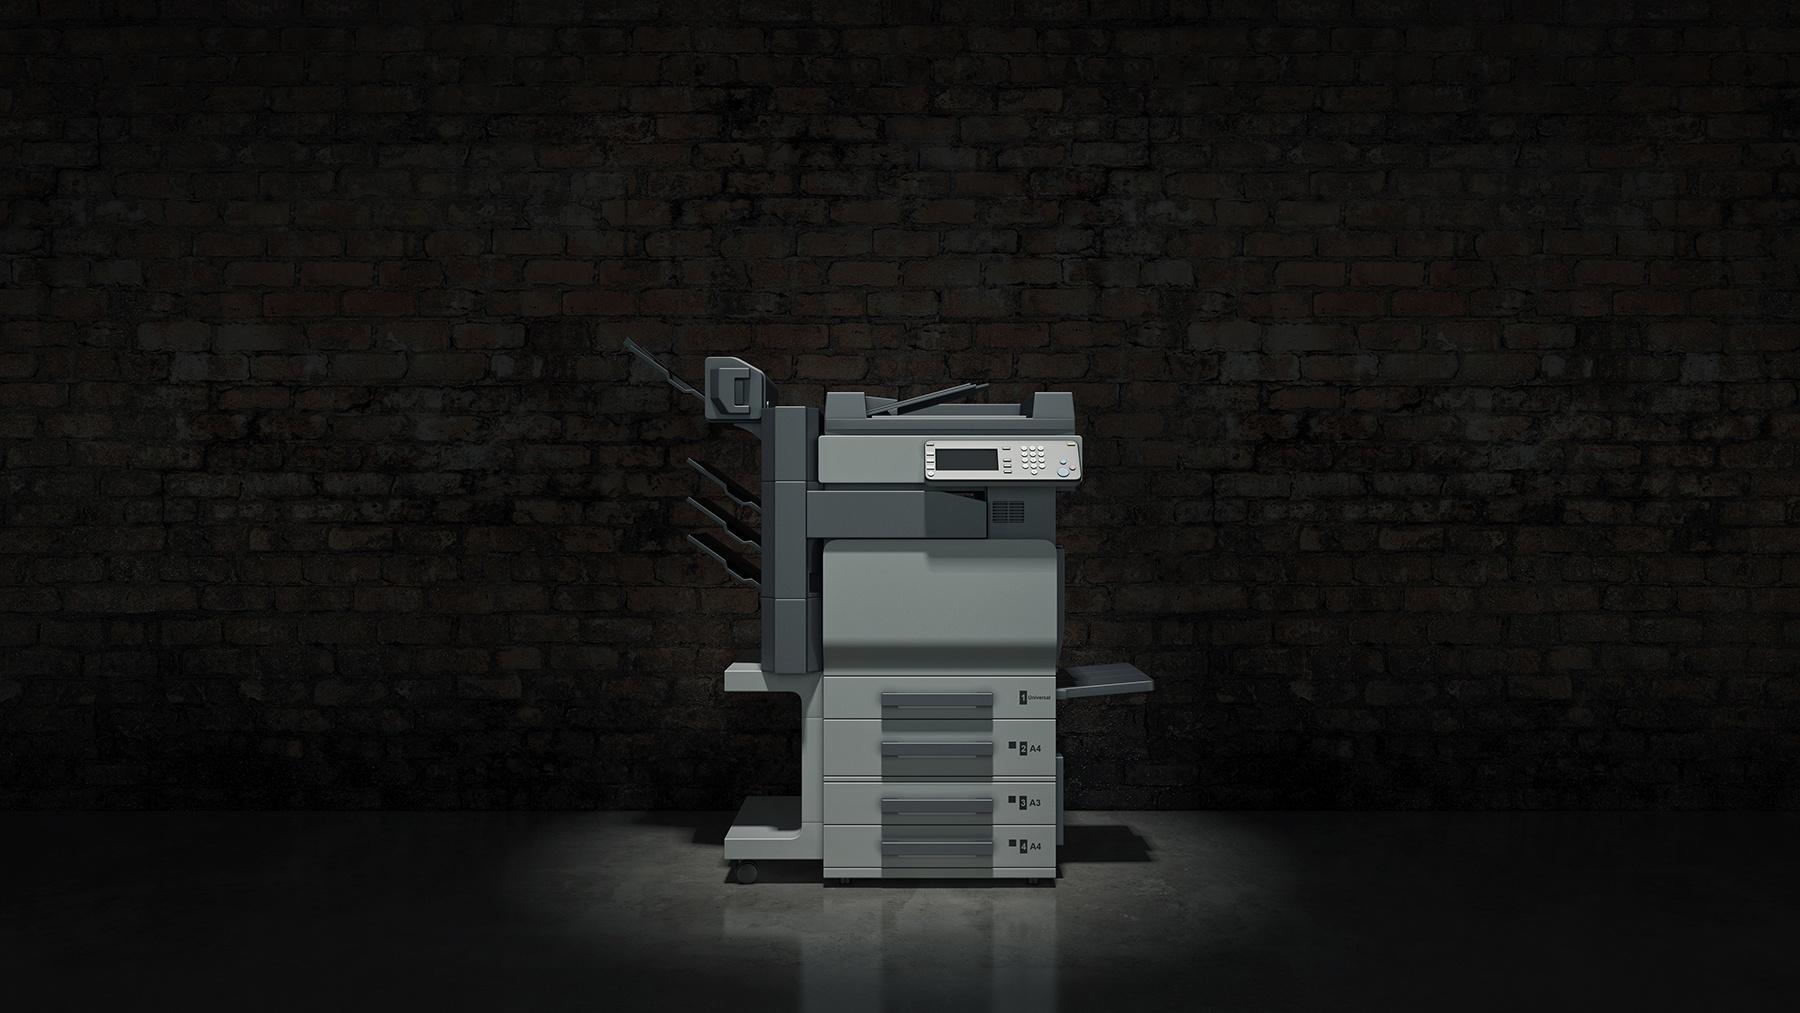 Printer-In-Dark-Room